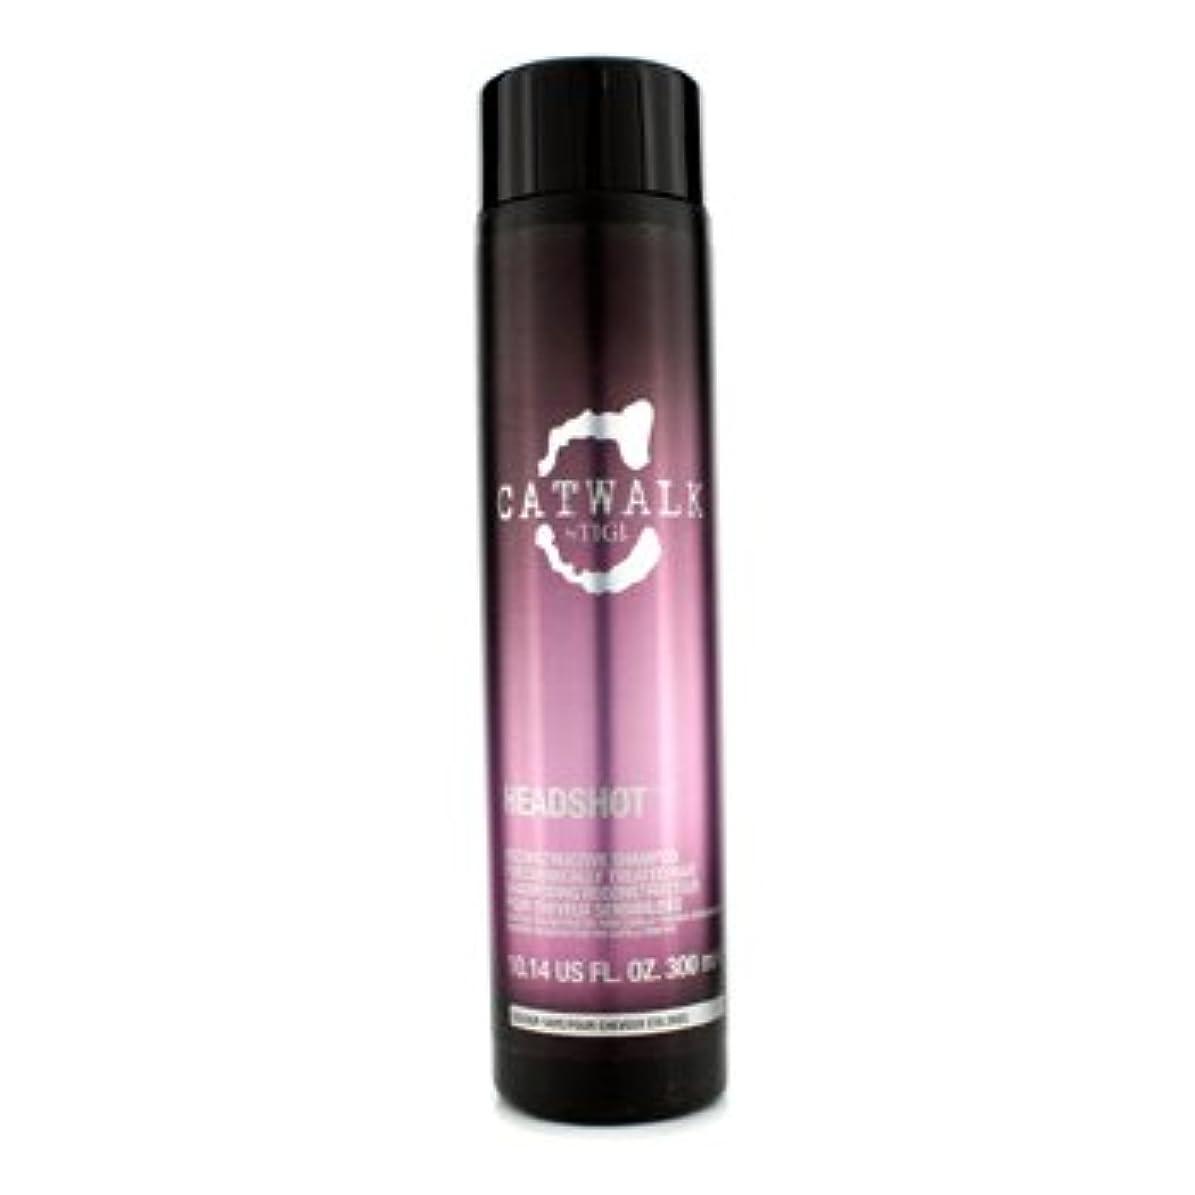 オンいつ高潔な[Tigi] Catwalk Headshot Reconstructive Shampoo (For Chemically Treated Hair) 300ml/10.14oz